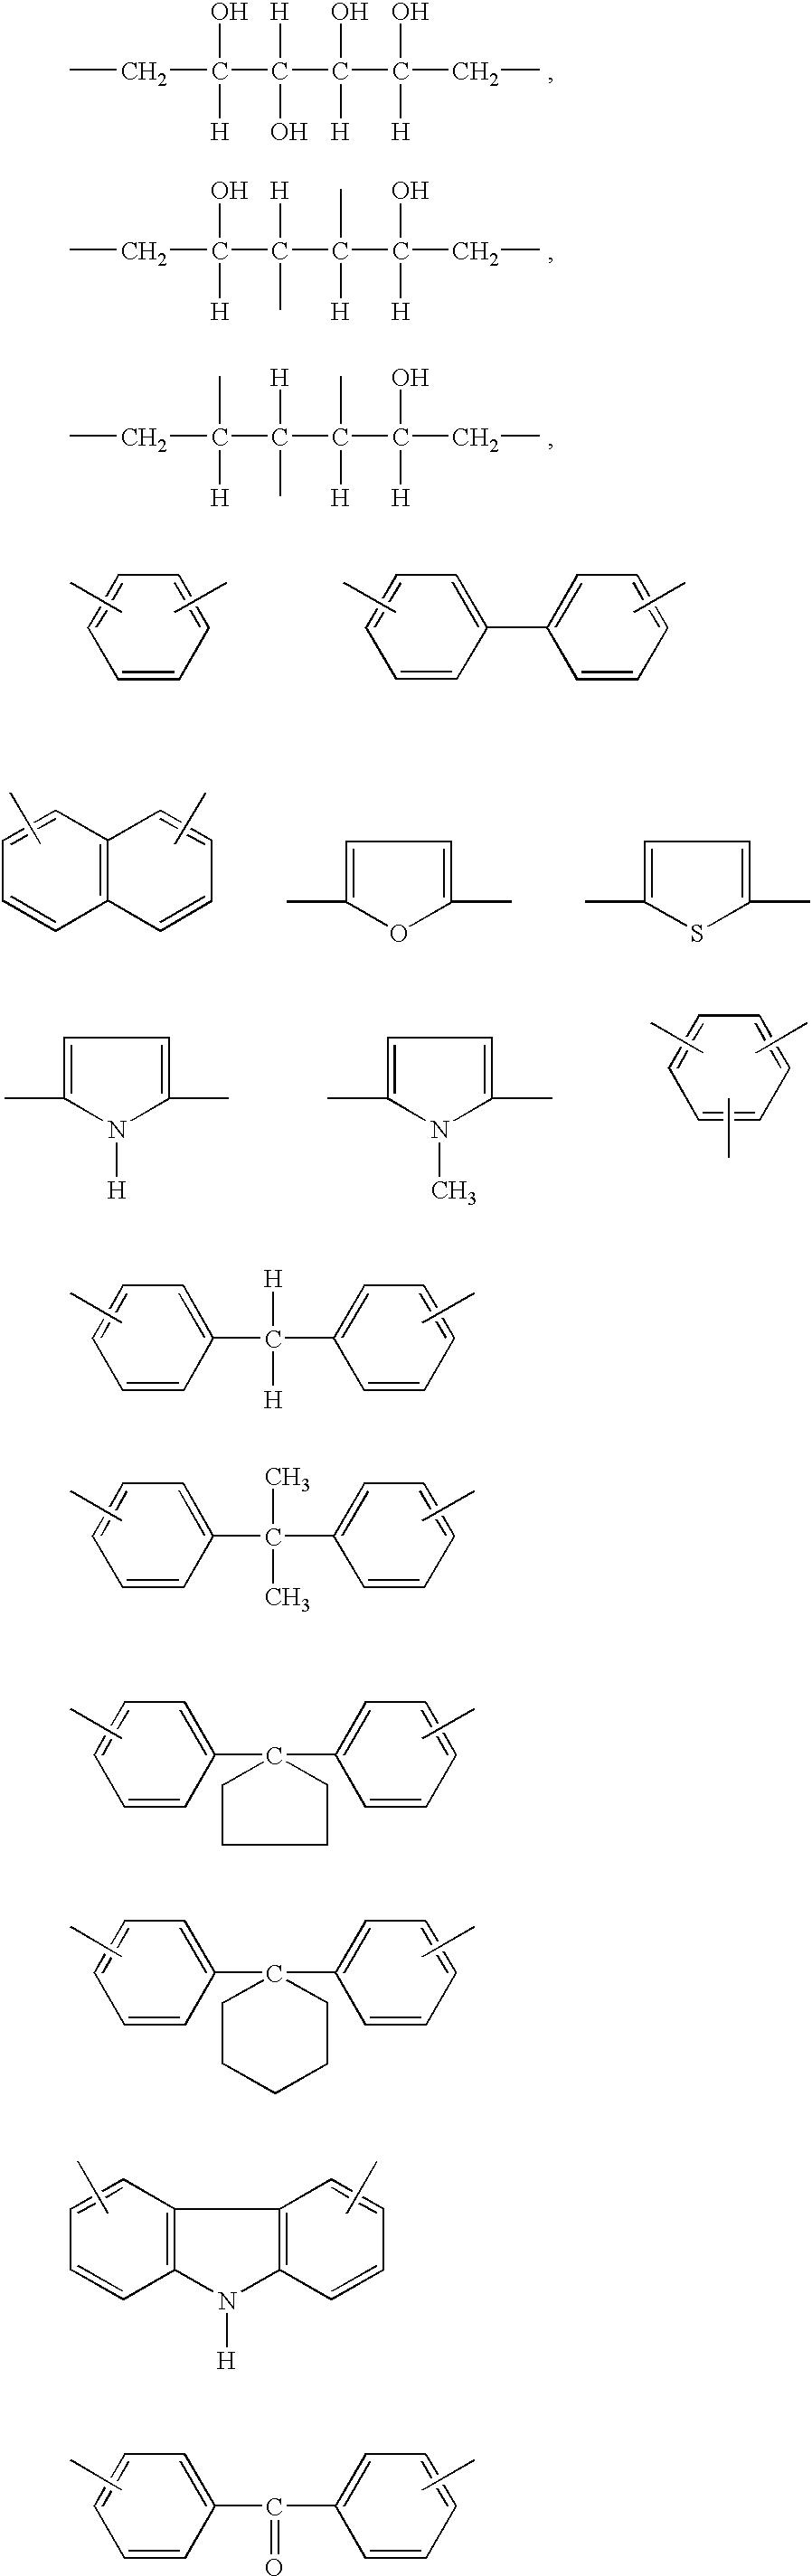 Figure US06511785-20030128-C00037